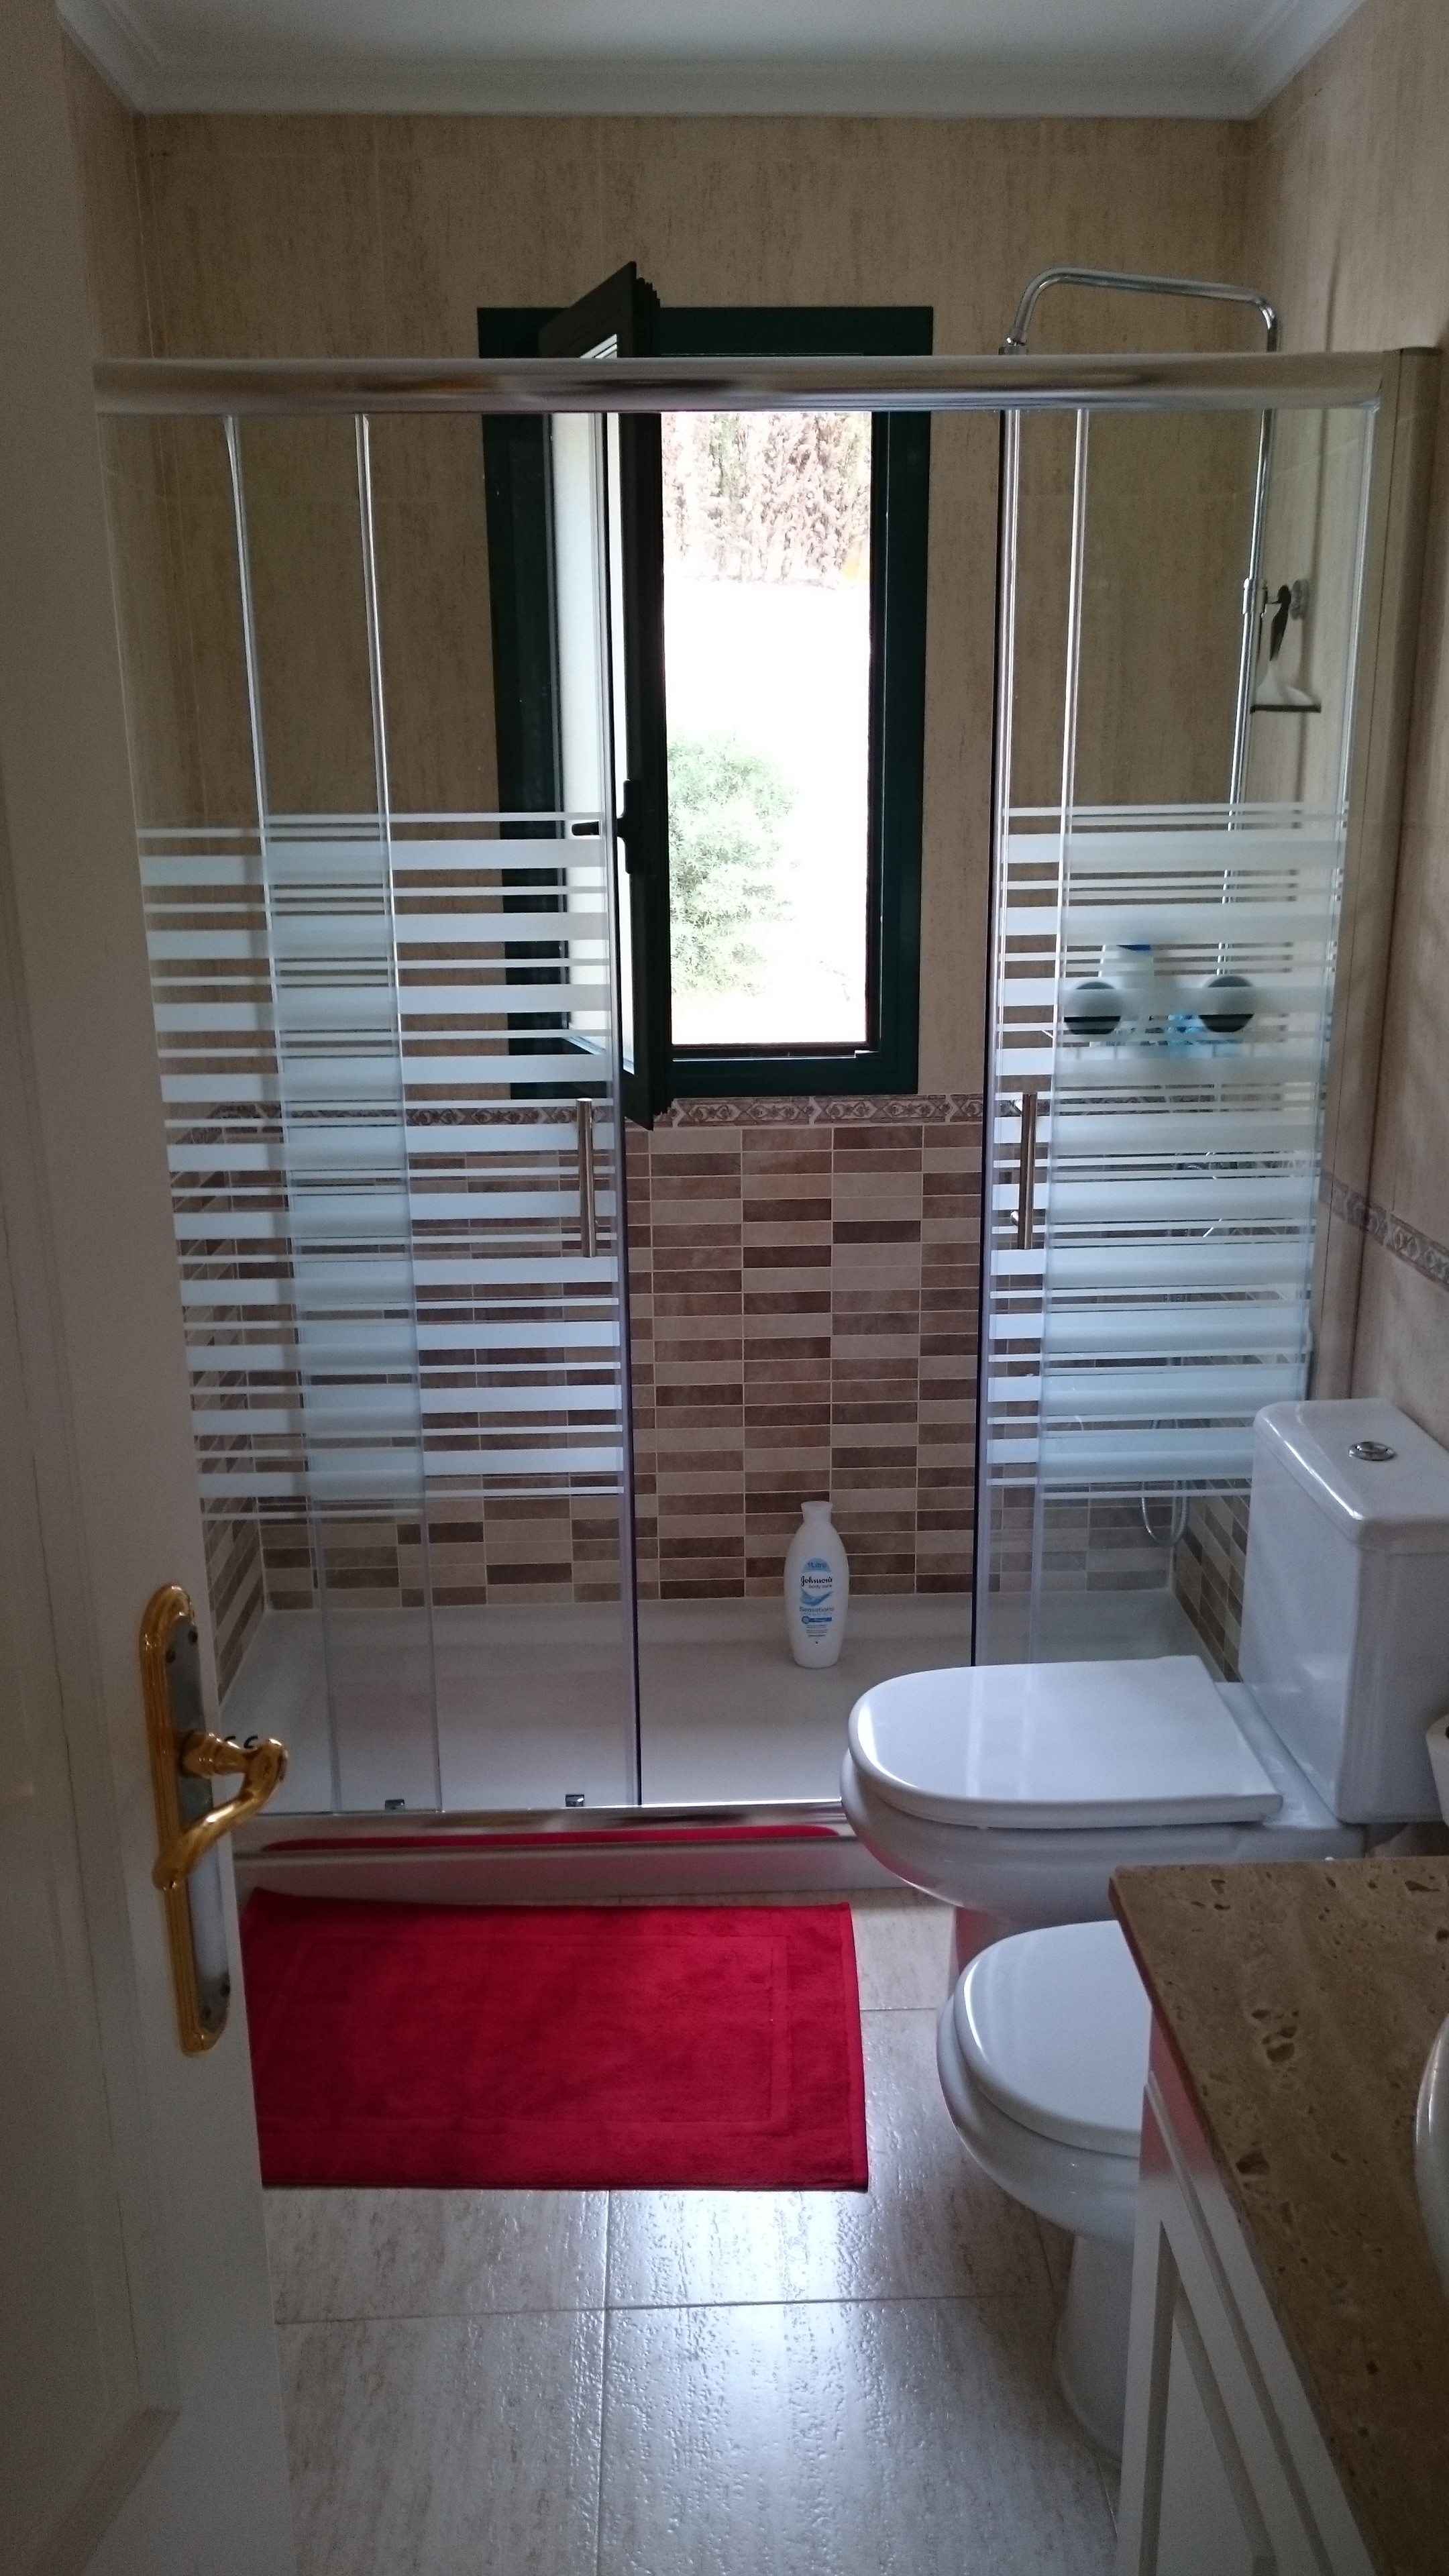 ferienwohnung in spanien so realisiert ihr euren traum 21 grad. Black Bedroom Furniture Sets. Home Design Ideas